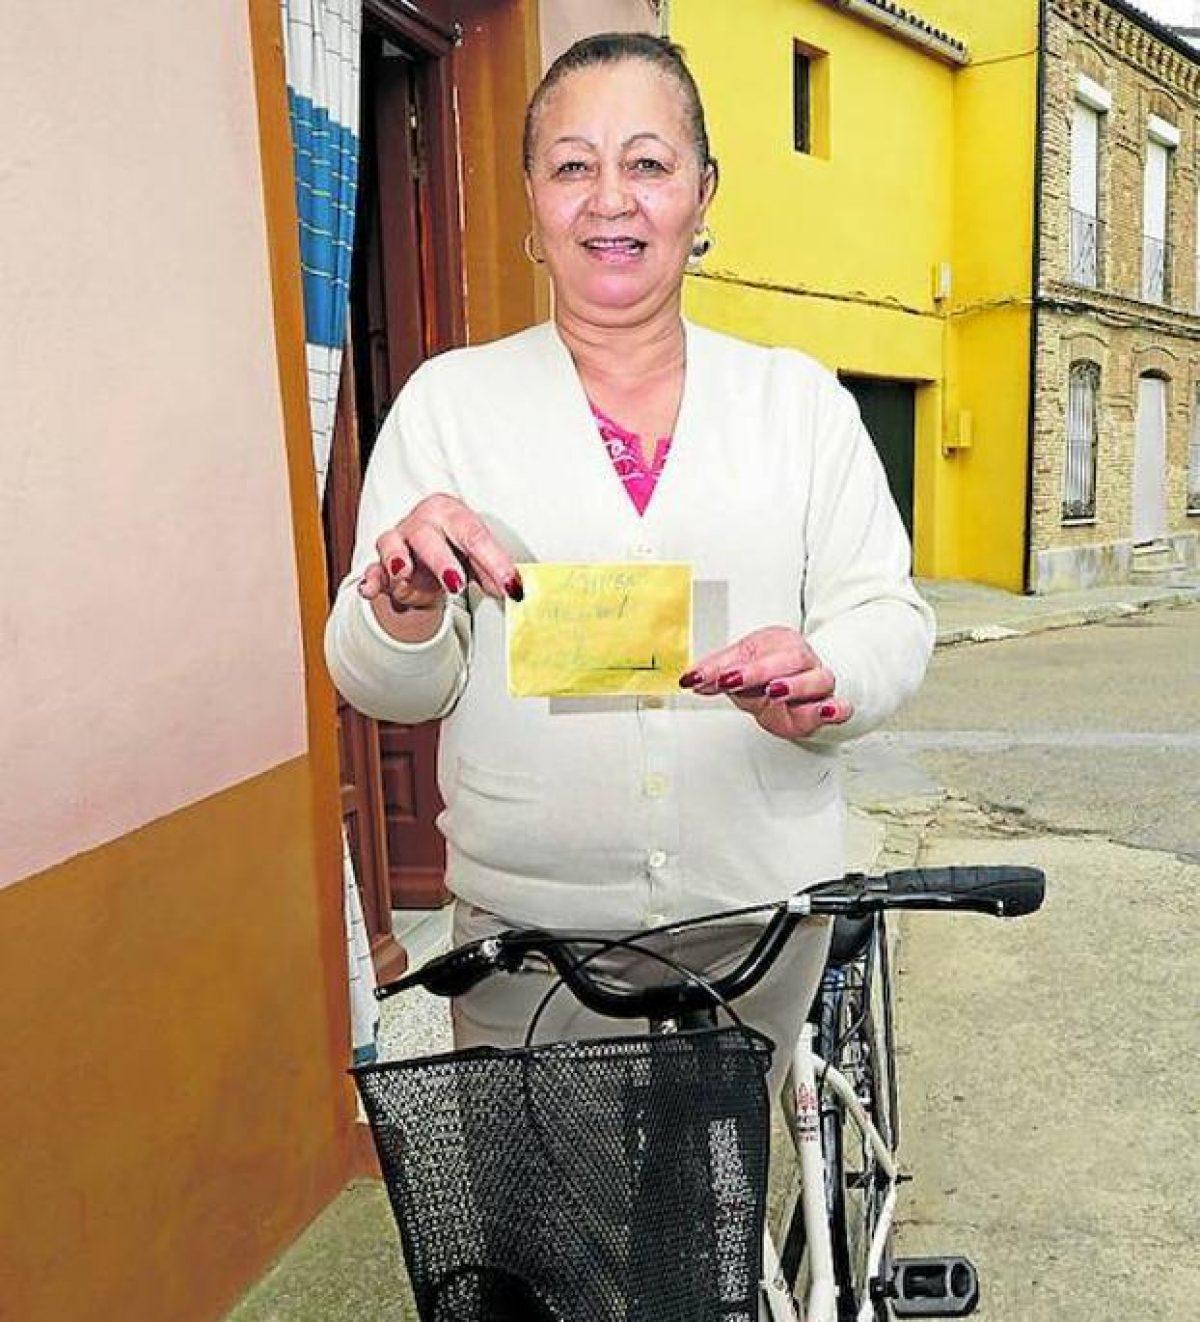 Le dejaron el sobre con dinero en la canasta de su bicicleta (Vía Antonio Quintero / elcorreo.com).